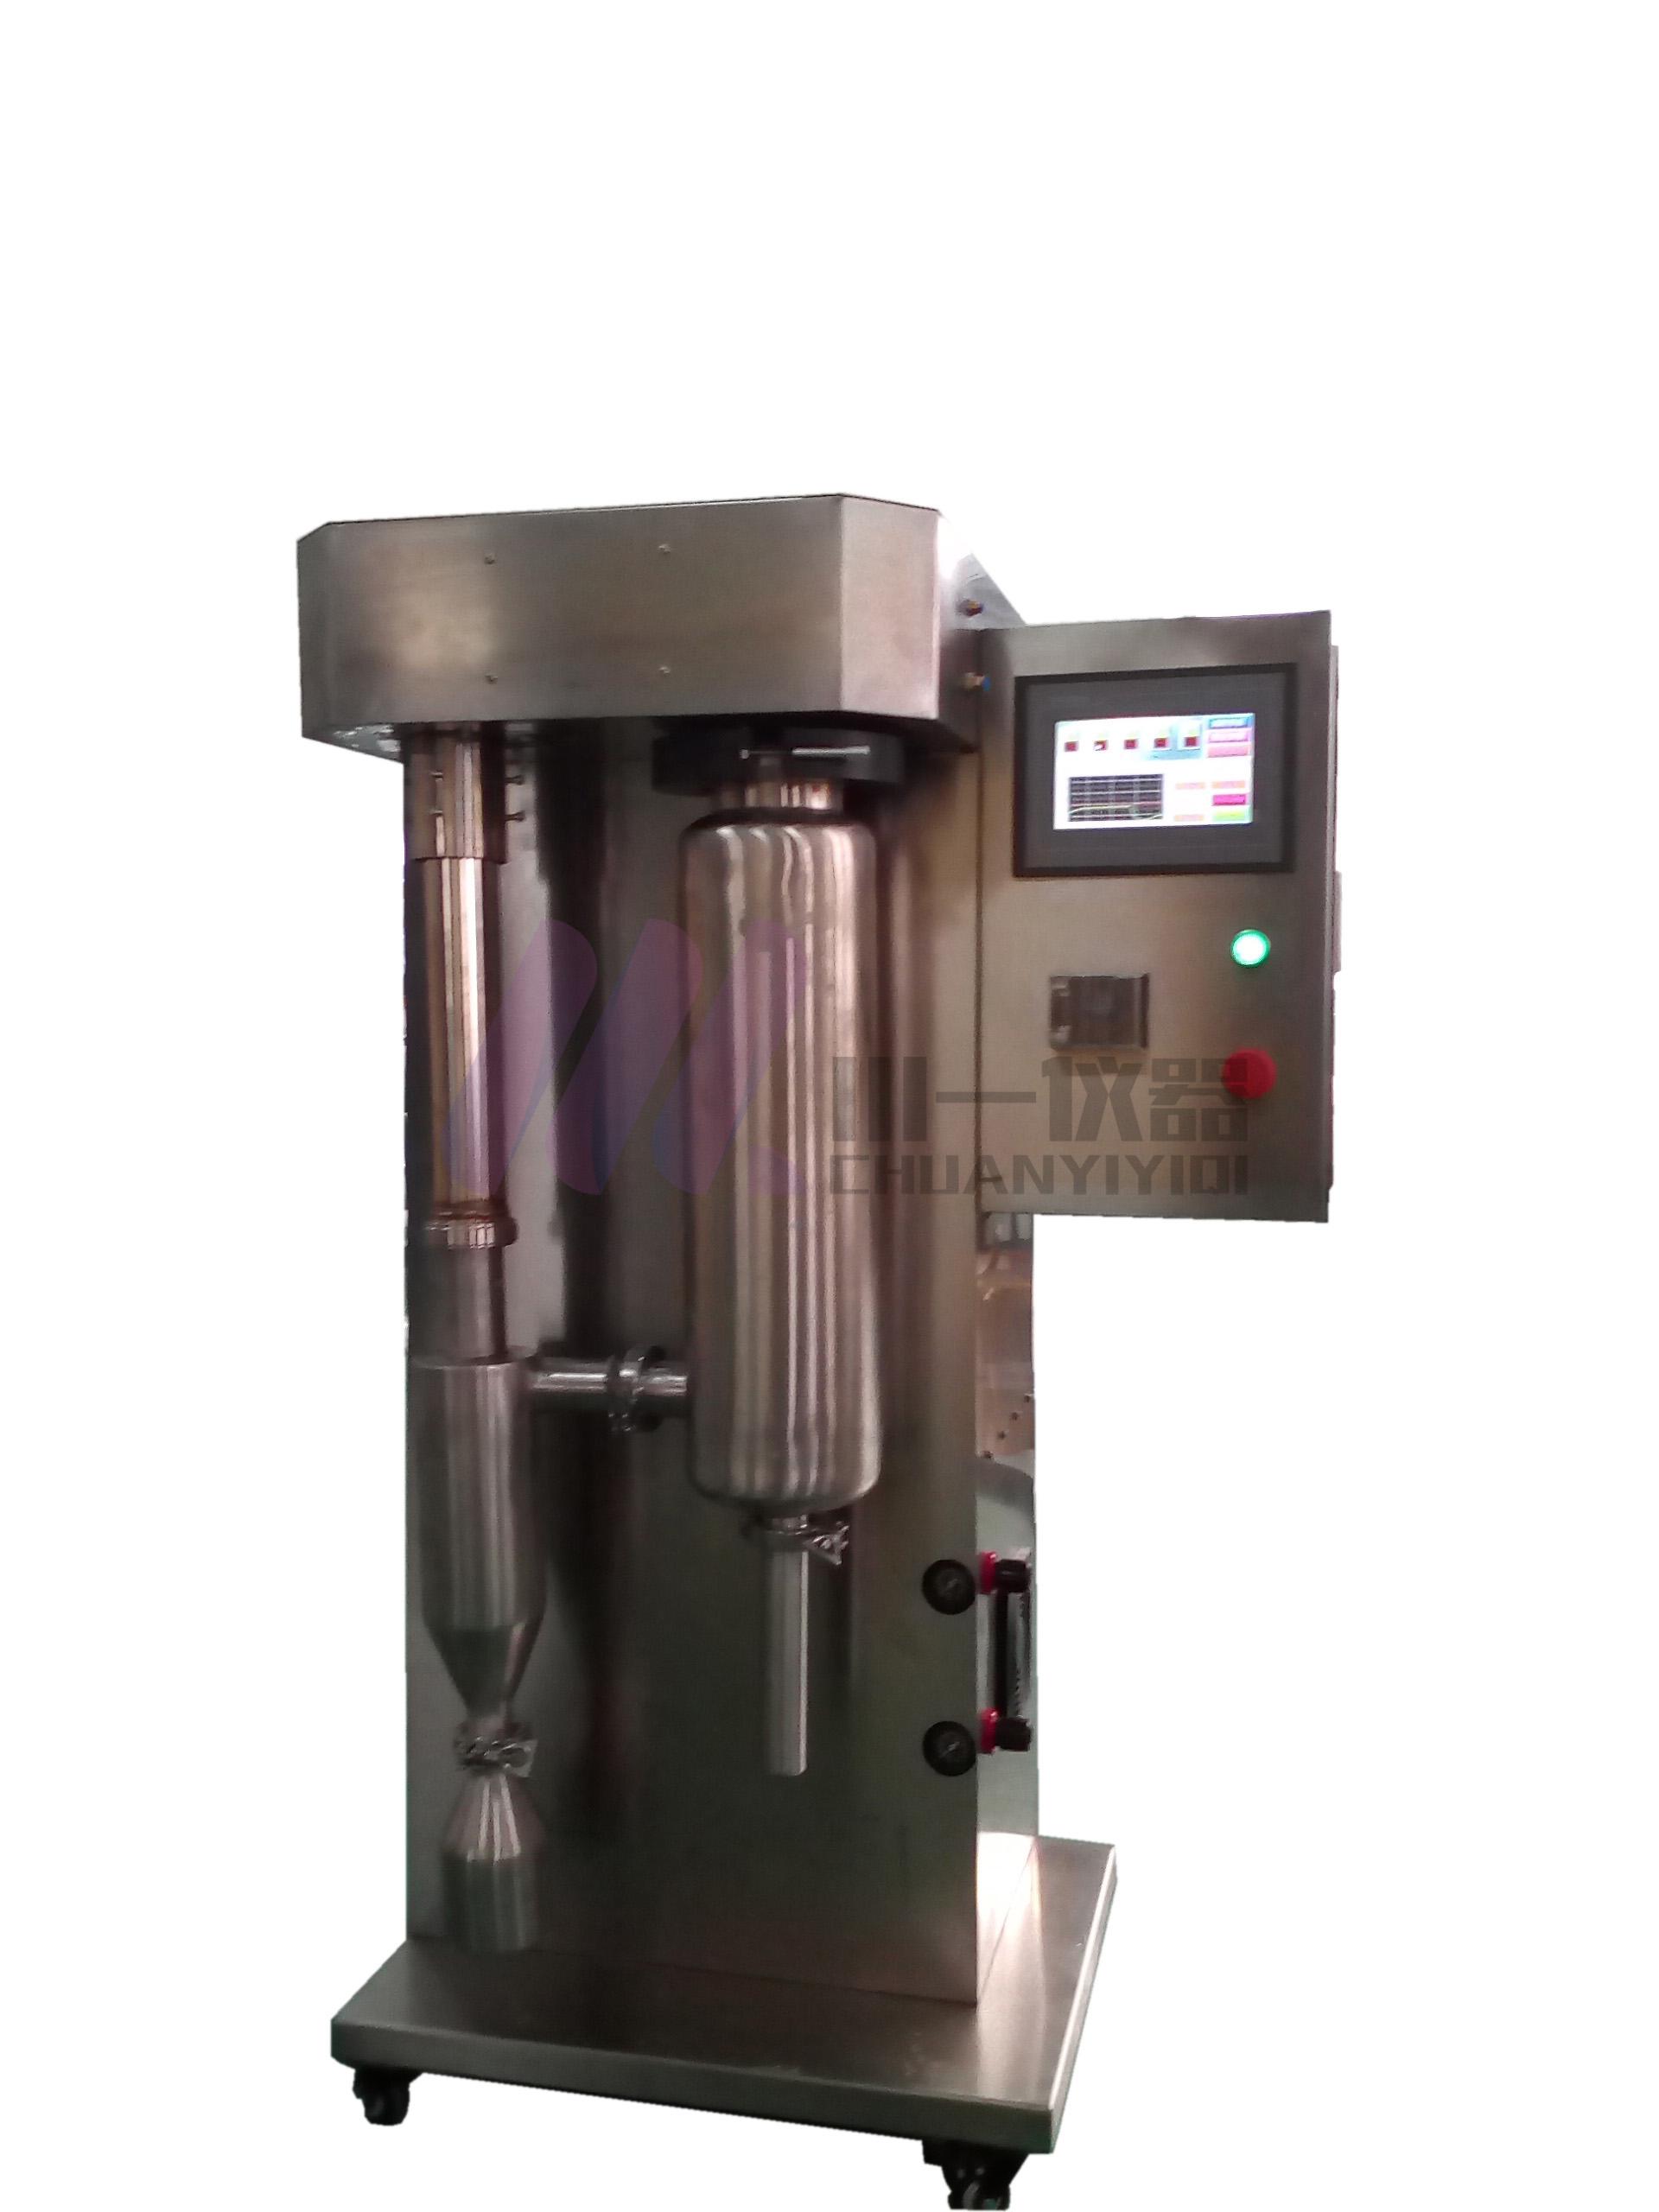 实验室喷雾干燥机的日常维护